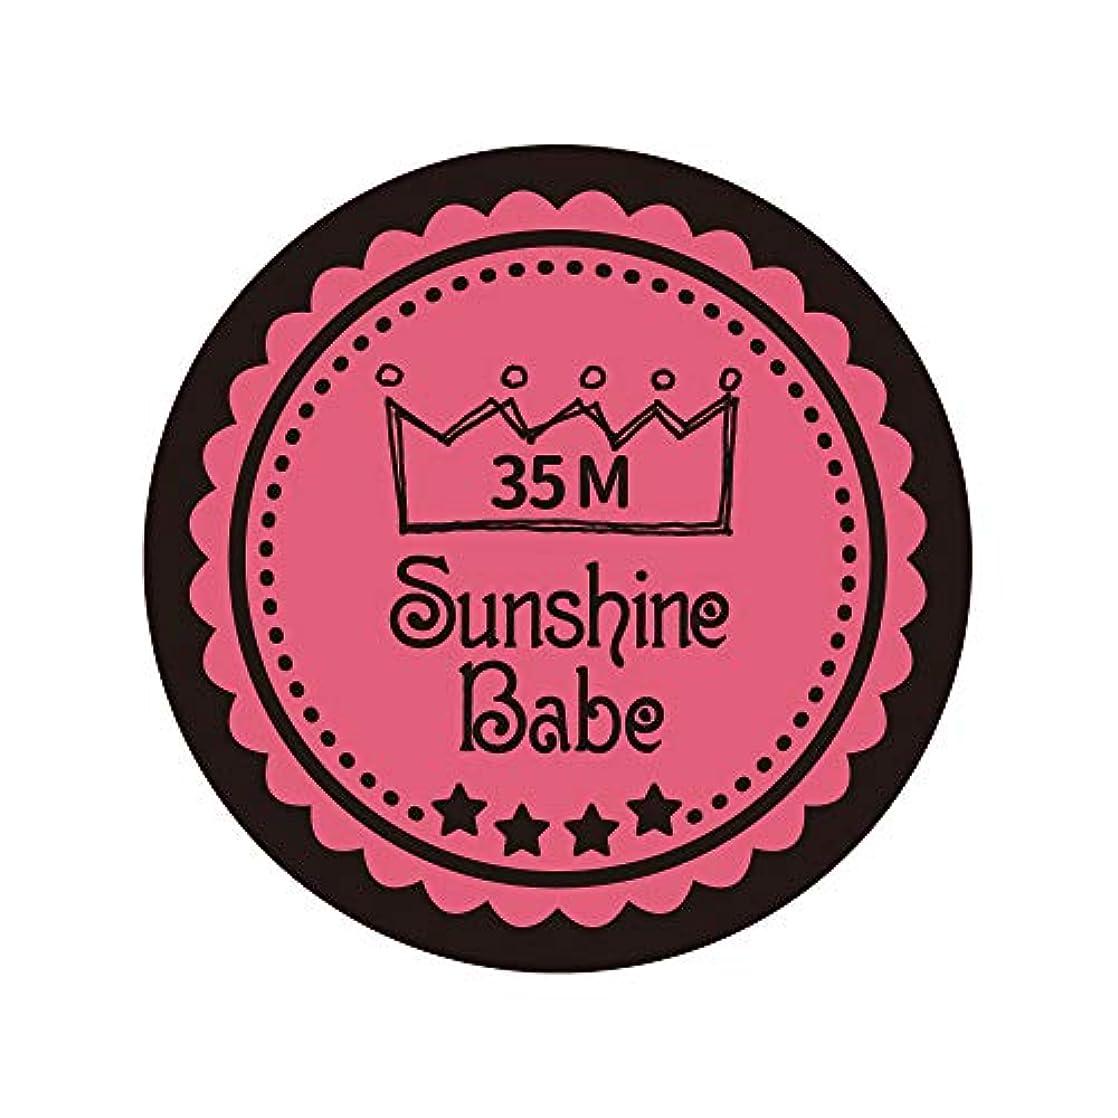 告発のスコア歯痛Sunshine Babe カラージェル 35M ローズピンク 4g UV/LED対応